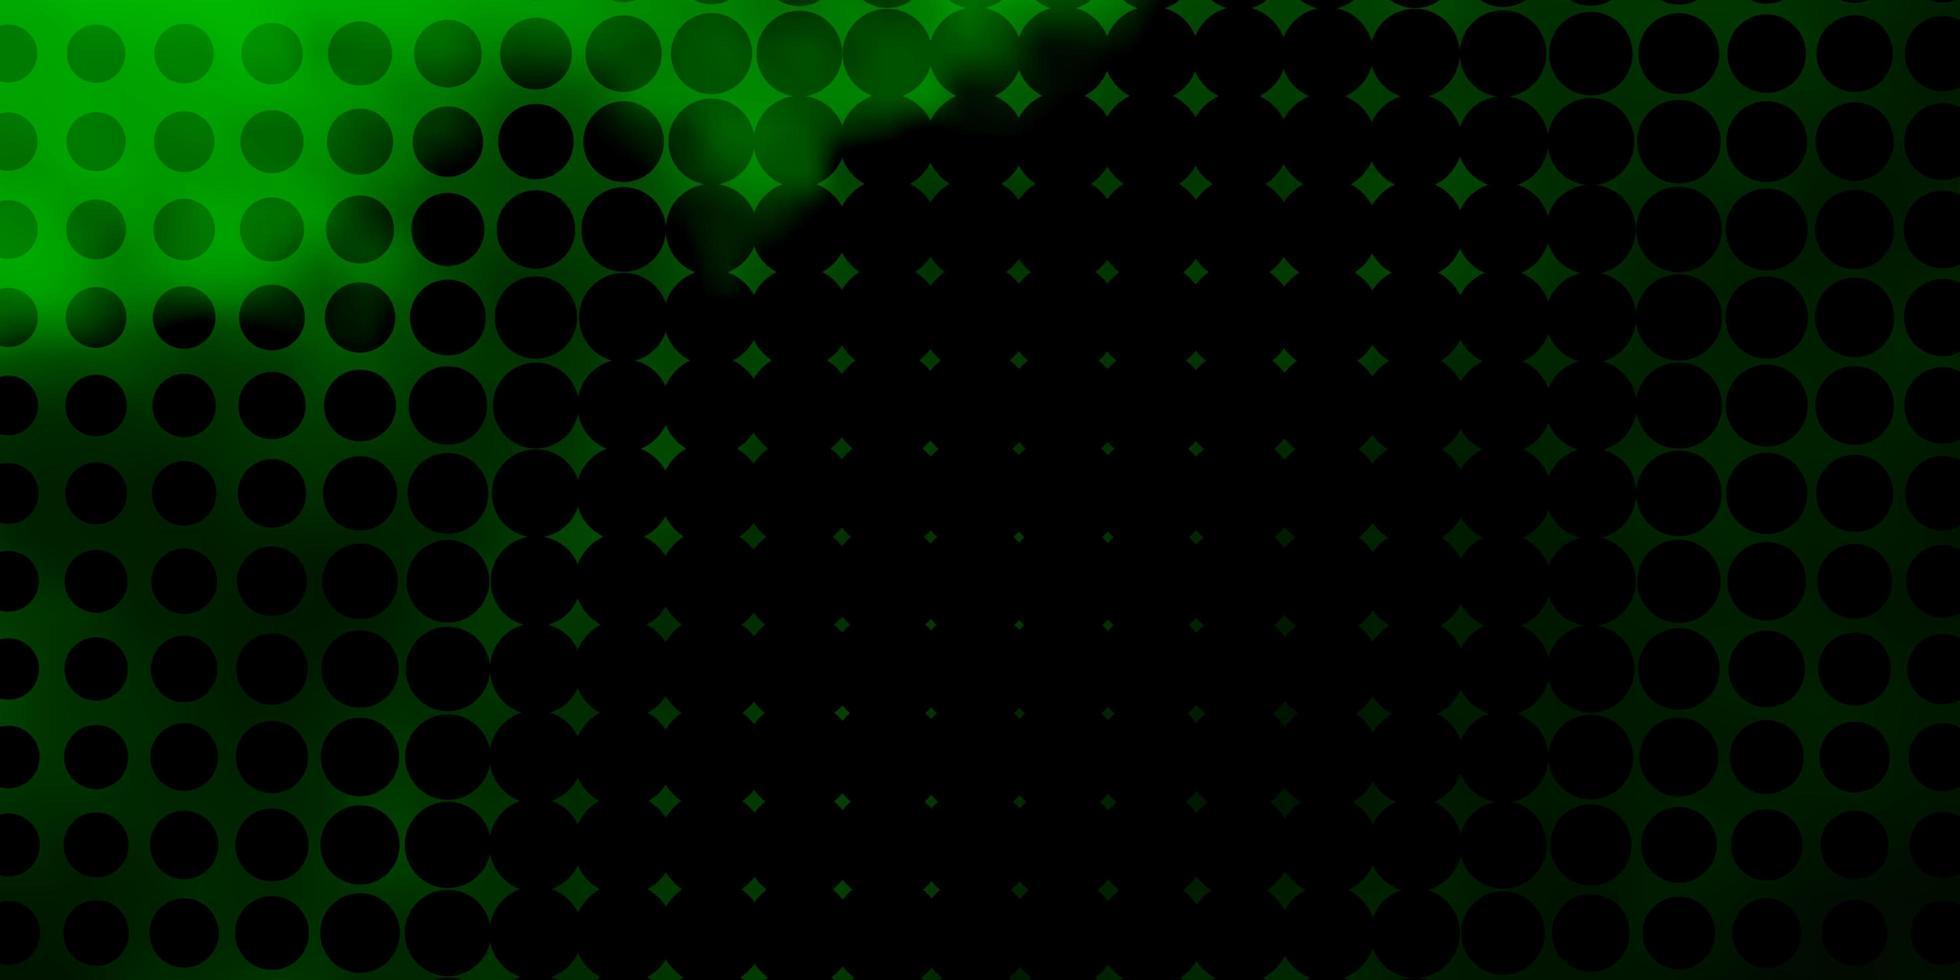 textura verde clara com discos. vetor